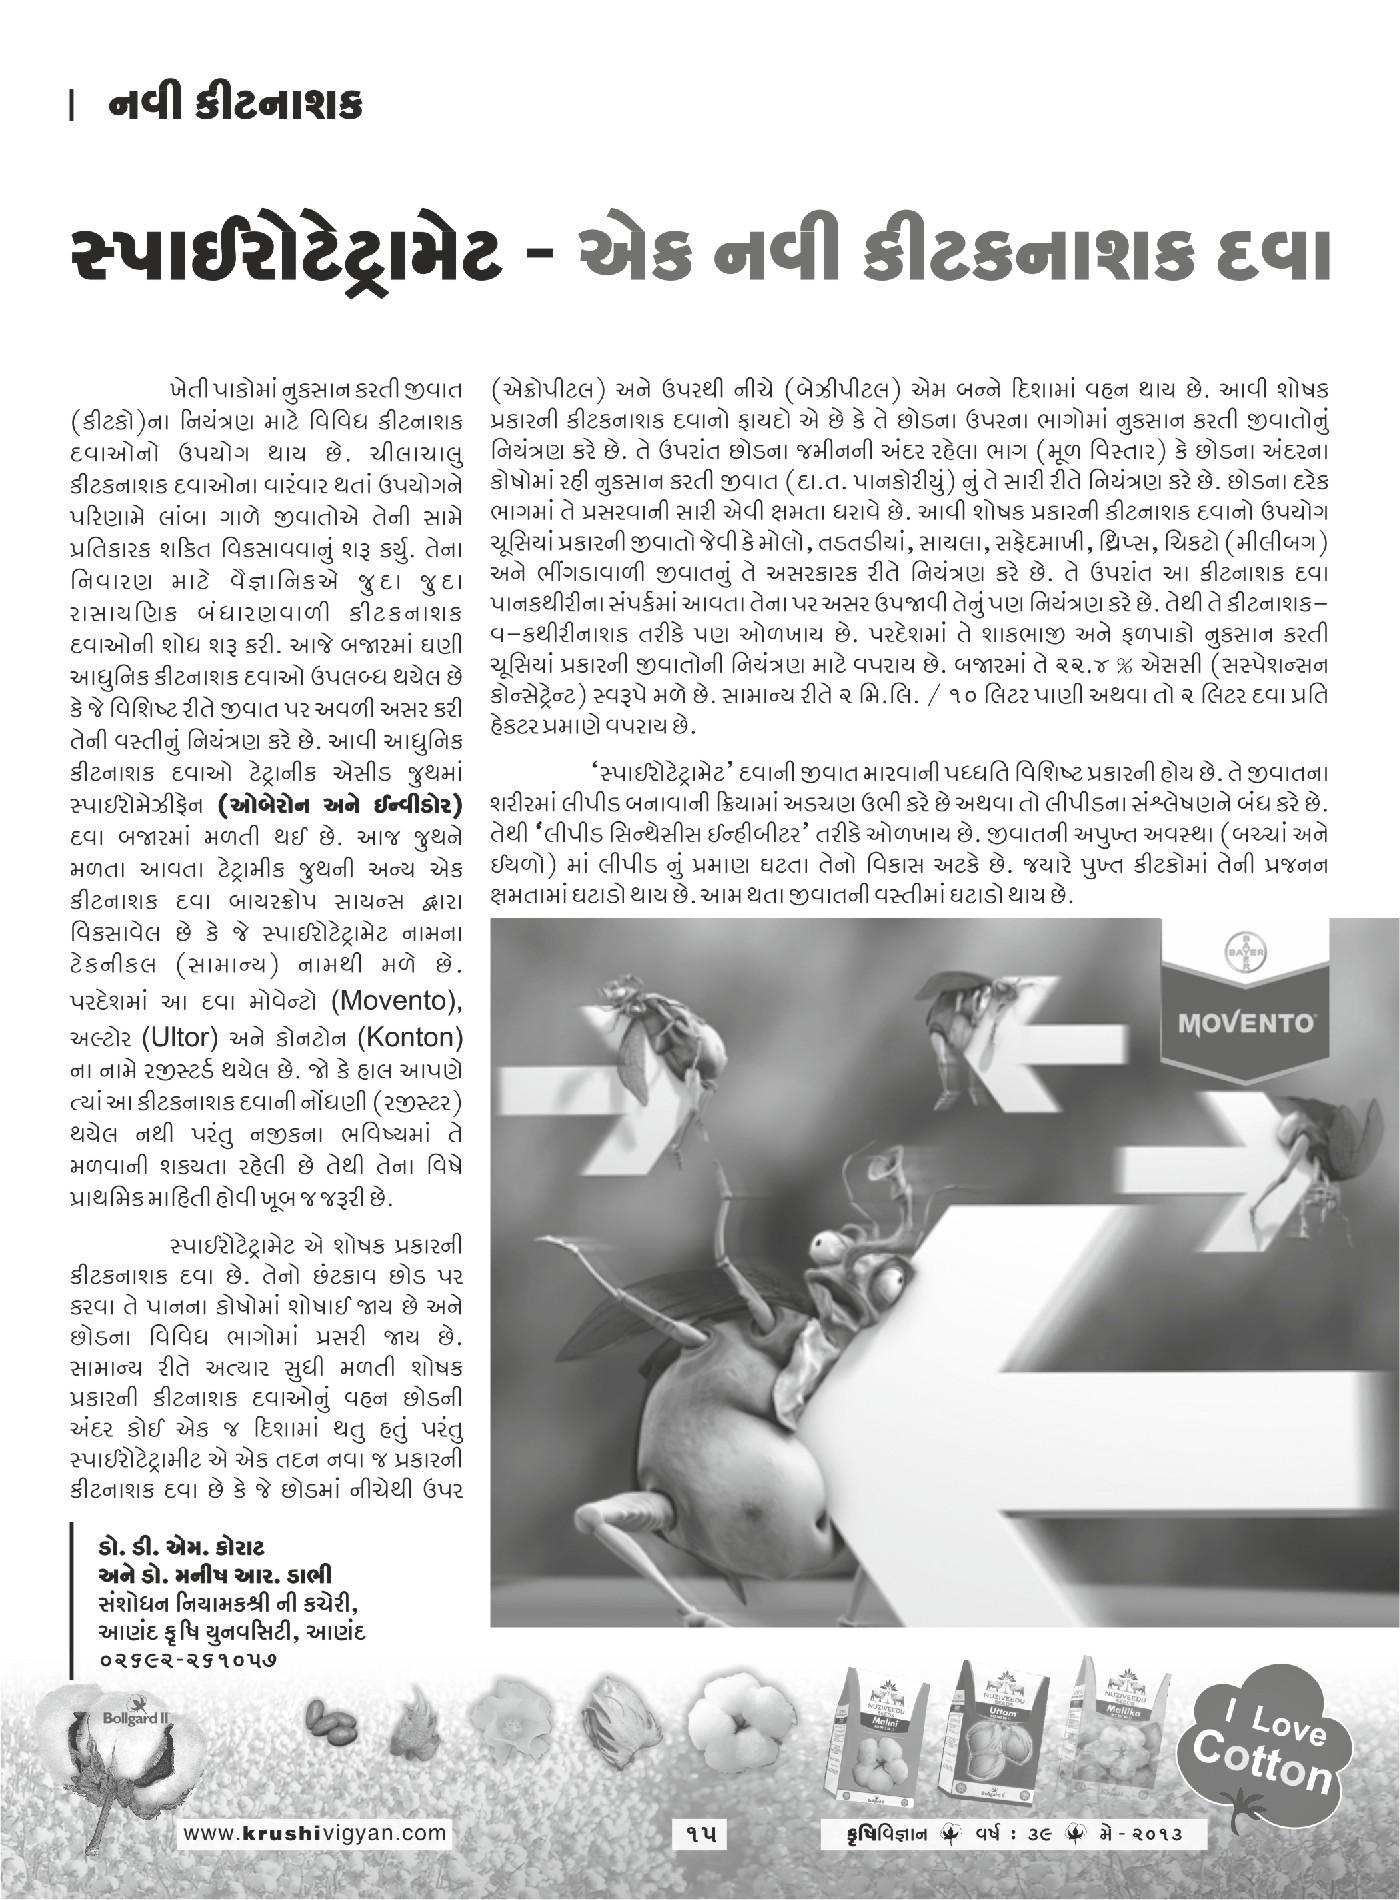 કંપનીન્યુઝ : સ્પાયરોટેટ્રામેટ – એક નવી દવા